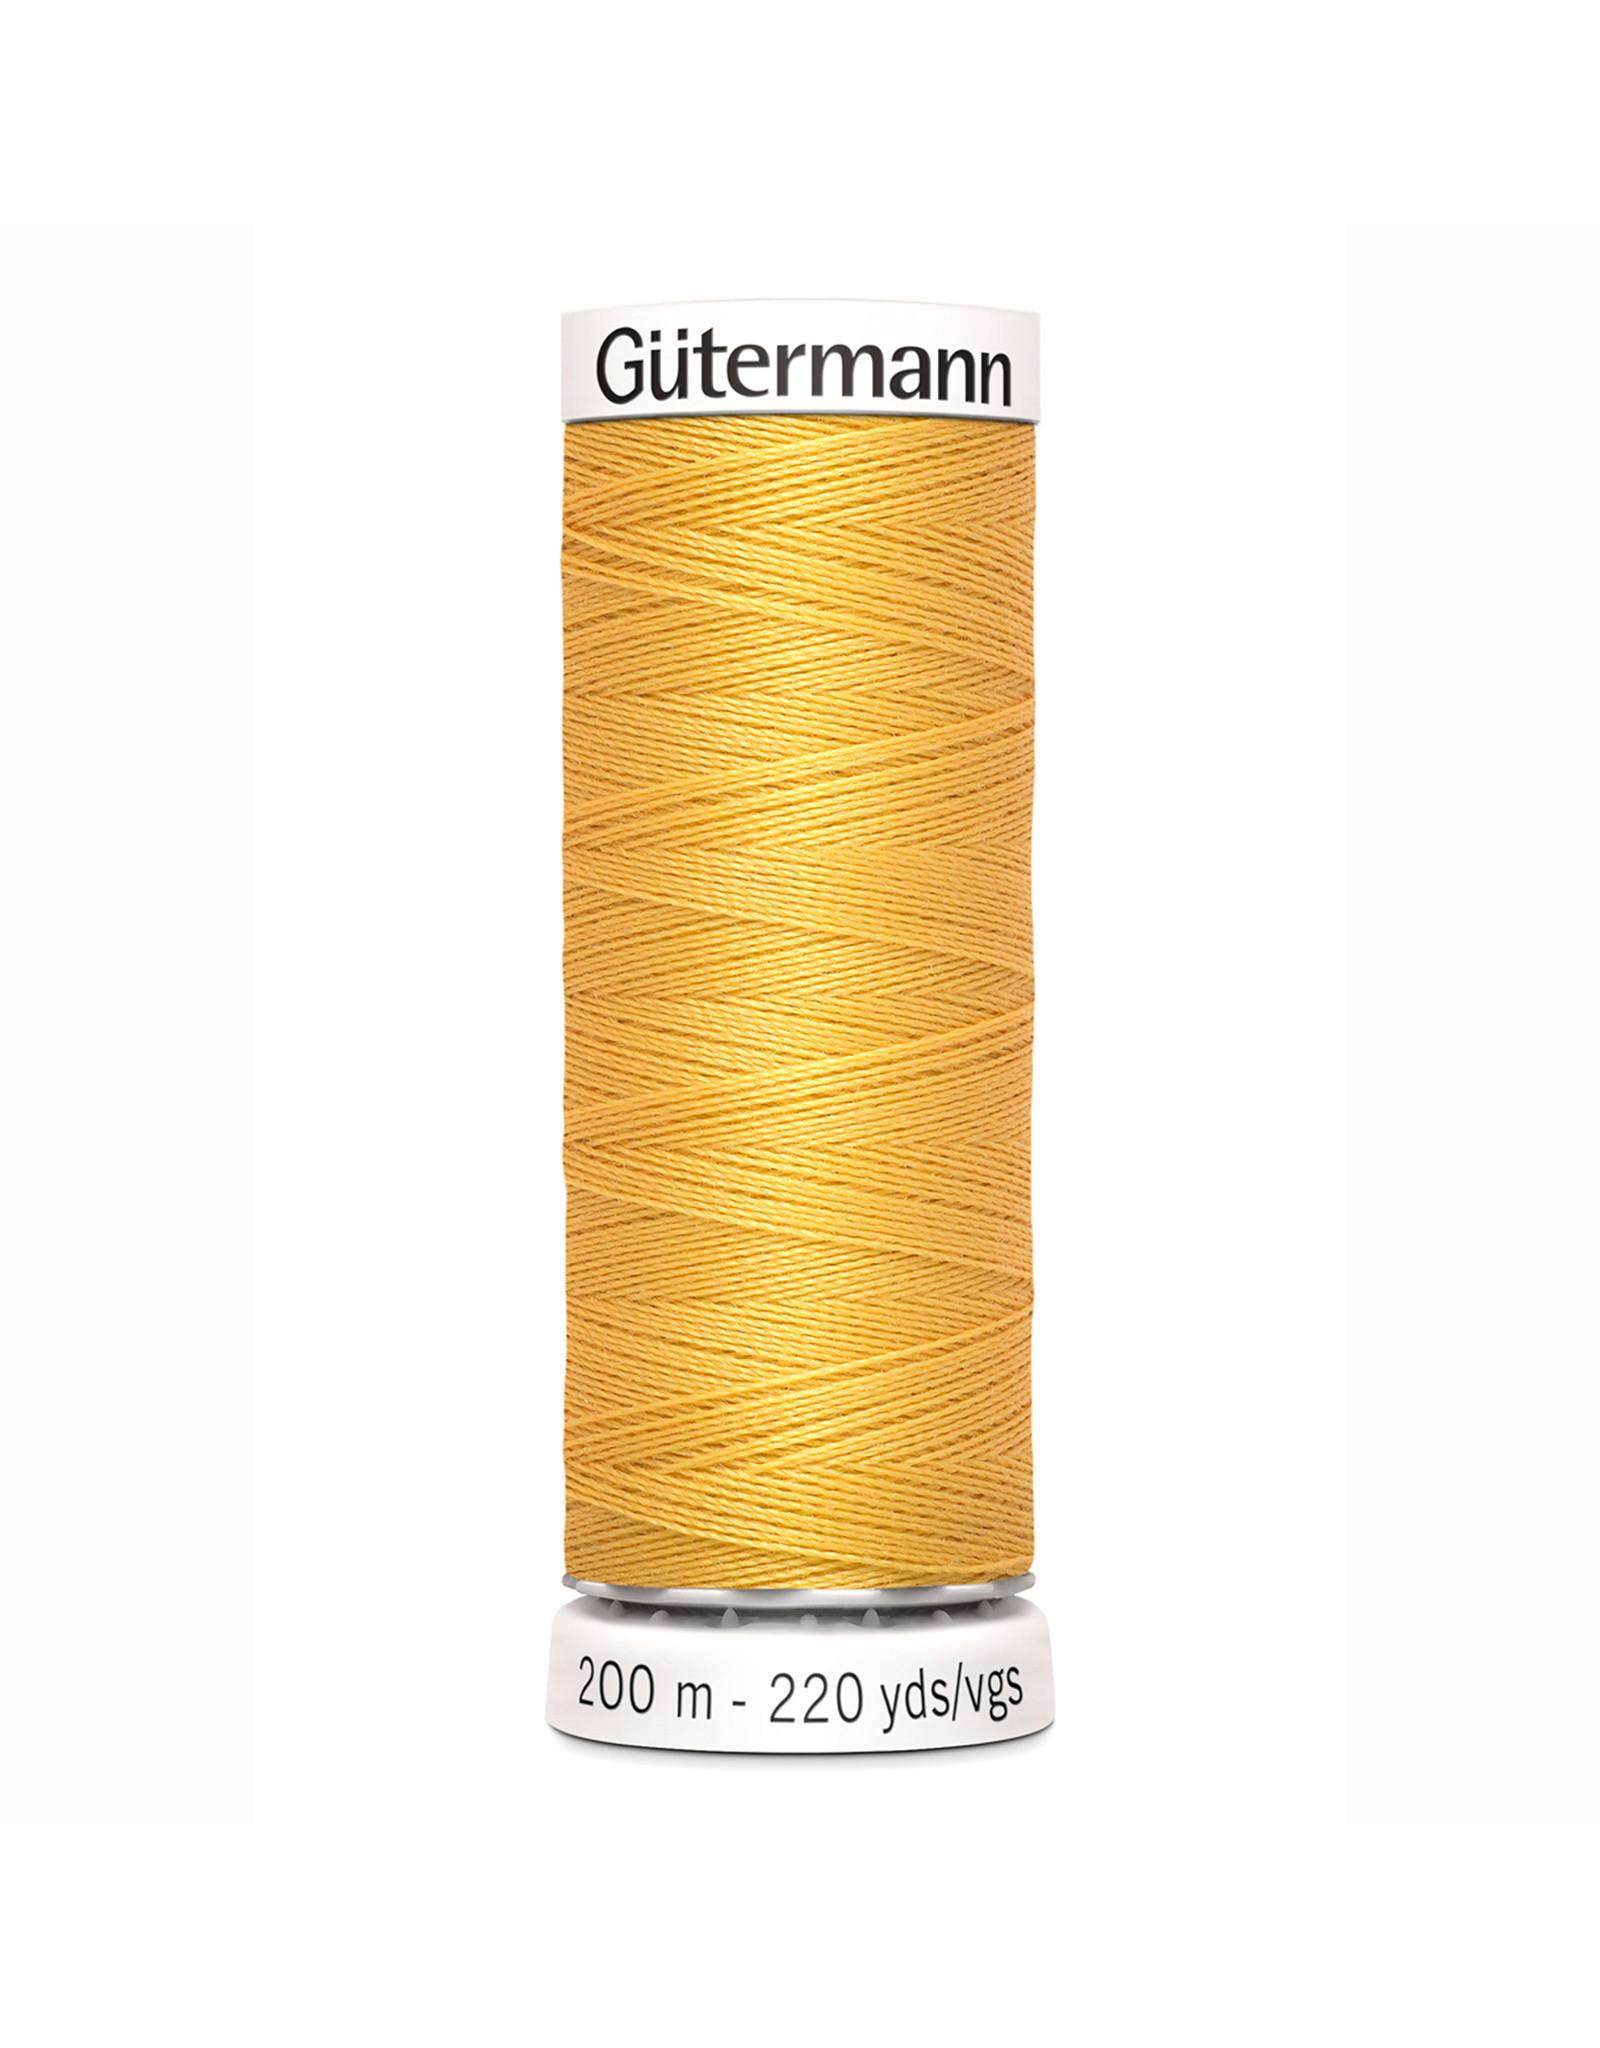 Gütermann Gütermann Nähgarn 200 m - nr 416